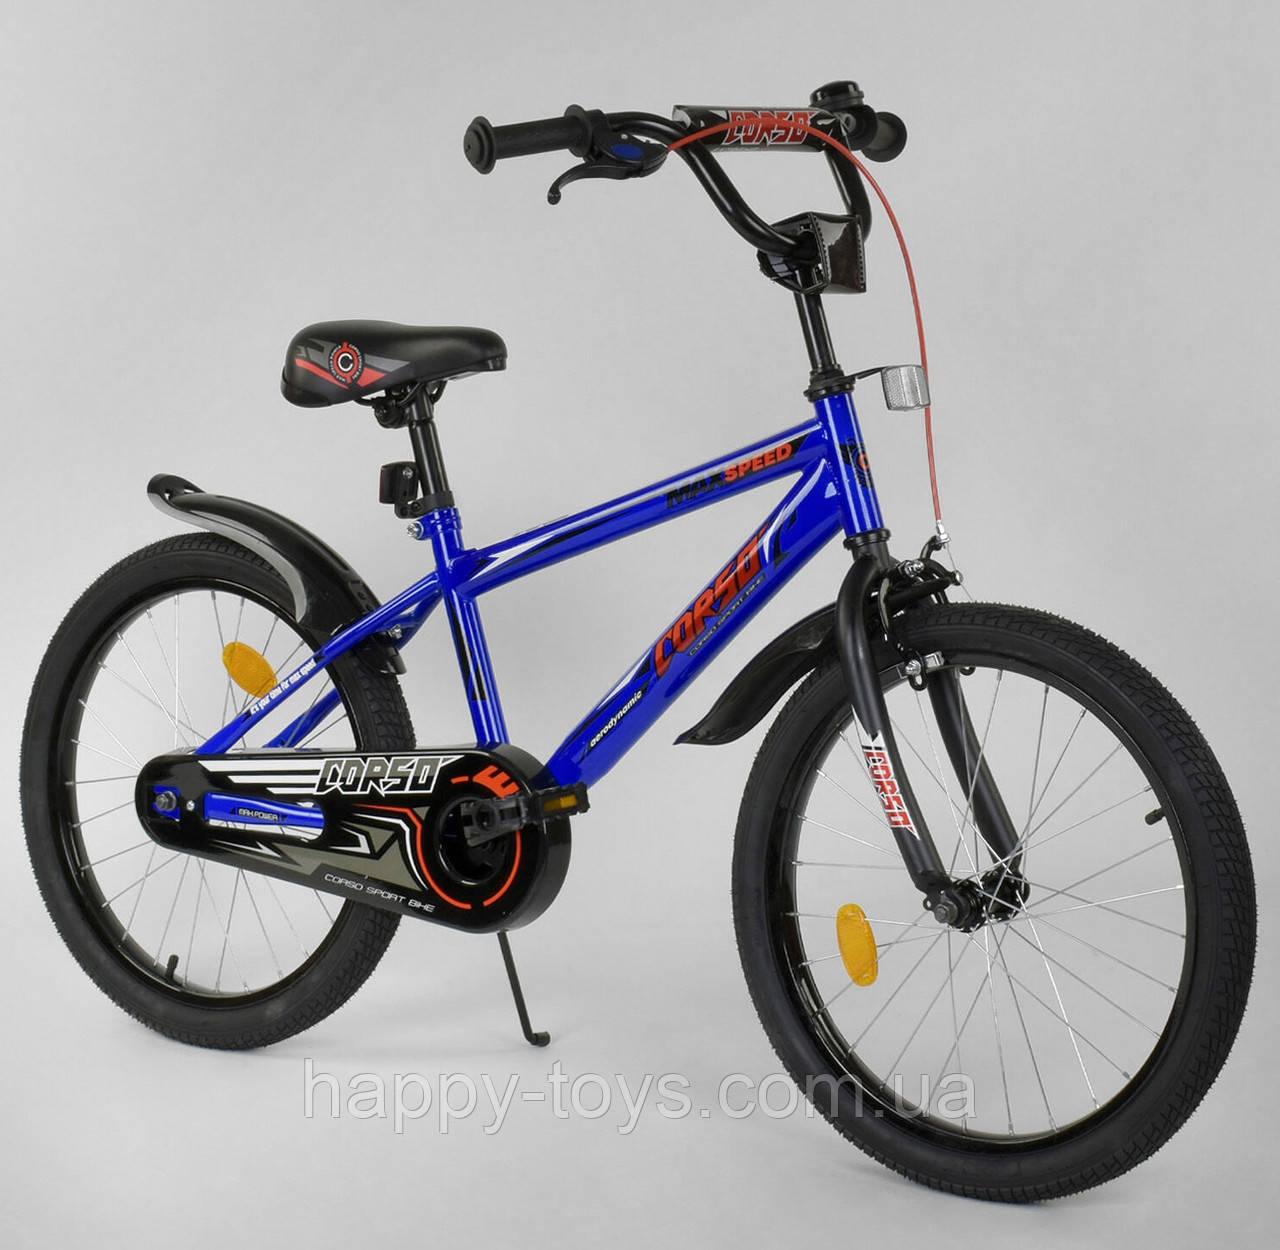 """Велосипед 20"""" дюймов 2-х колёсный CORSO СИНИЙ, ручной тормоз, звоночек, собранный на 75% EX-20 N 2755"""